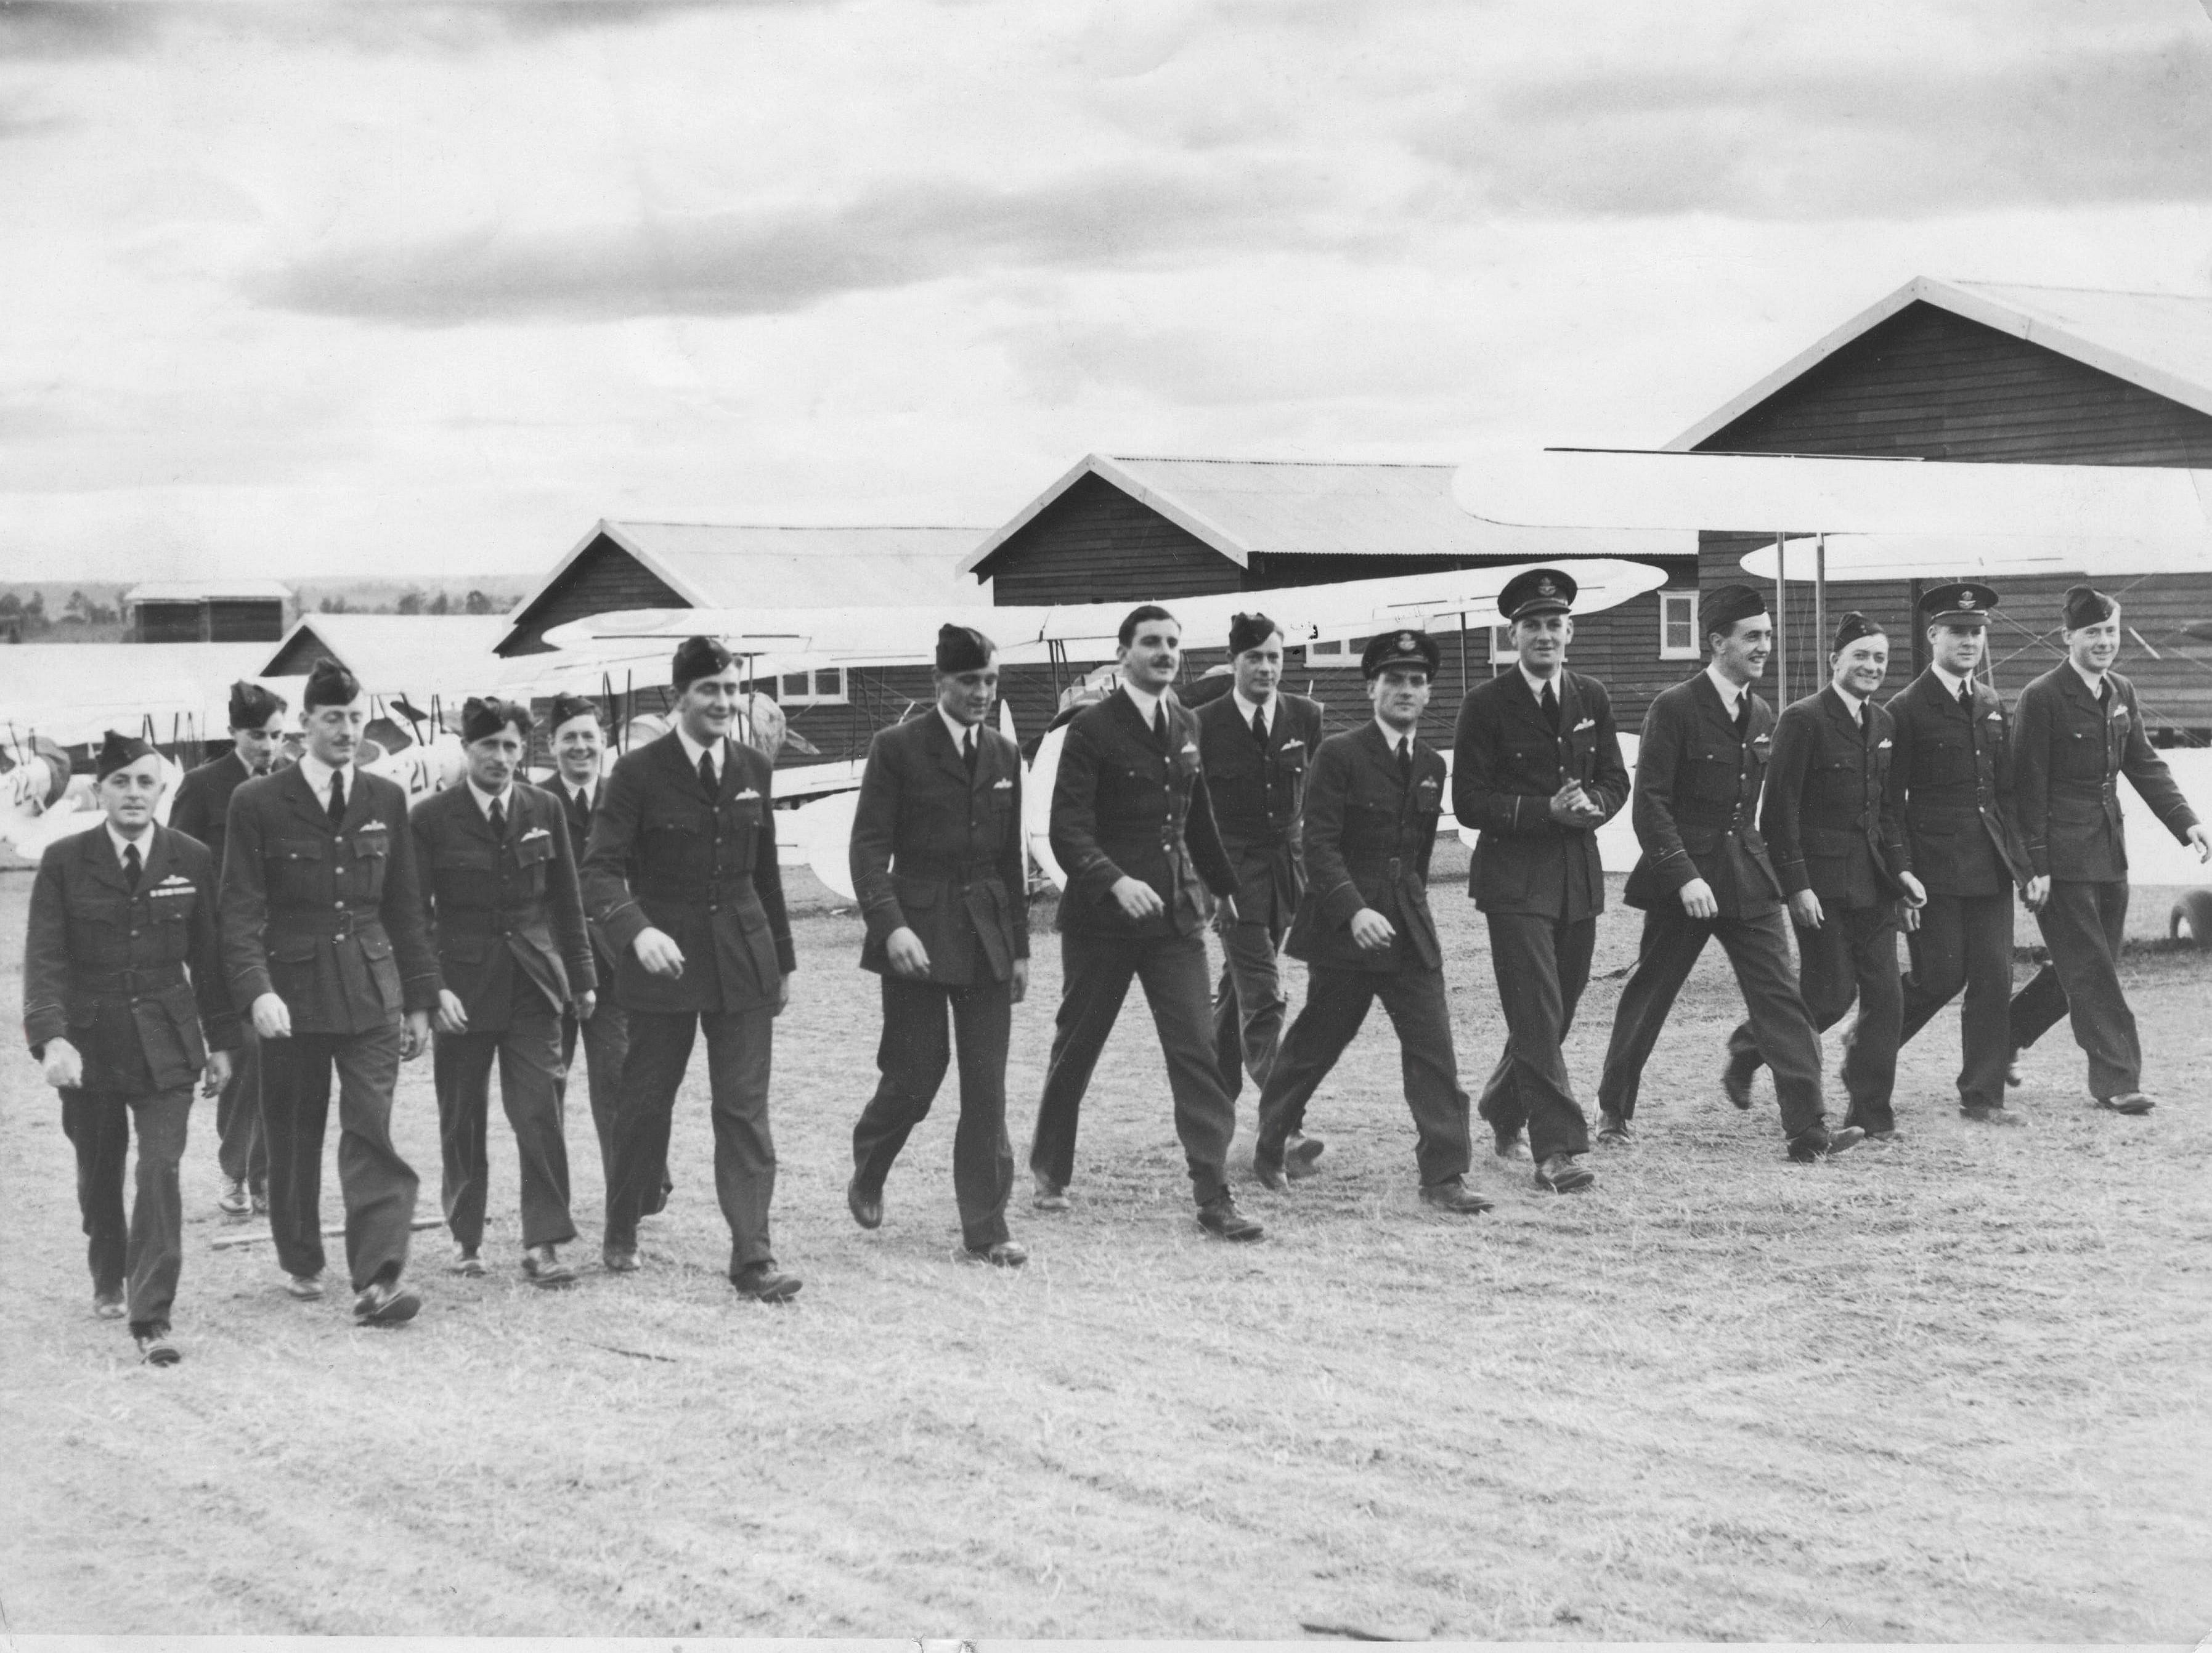 No. 6 Elementary Flying Training School RAAF